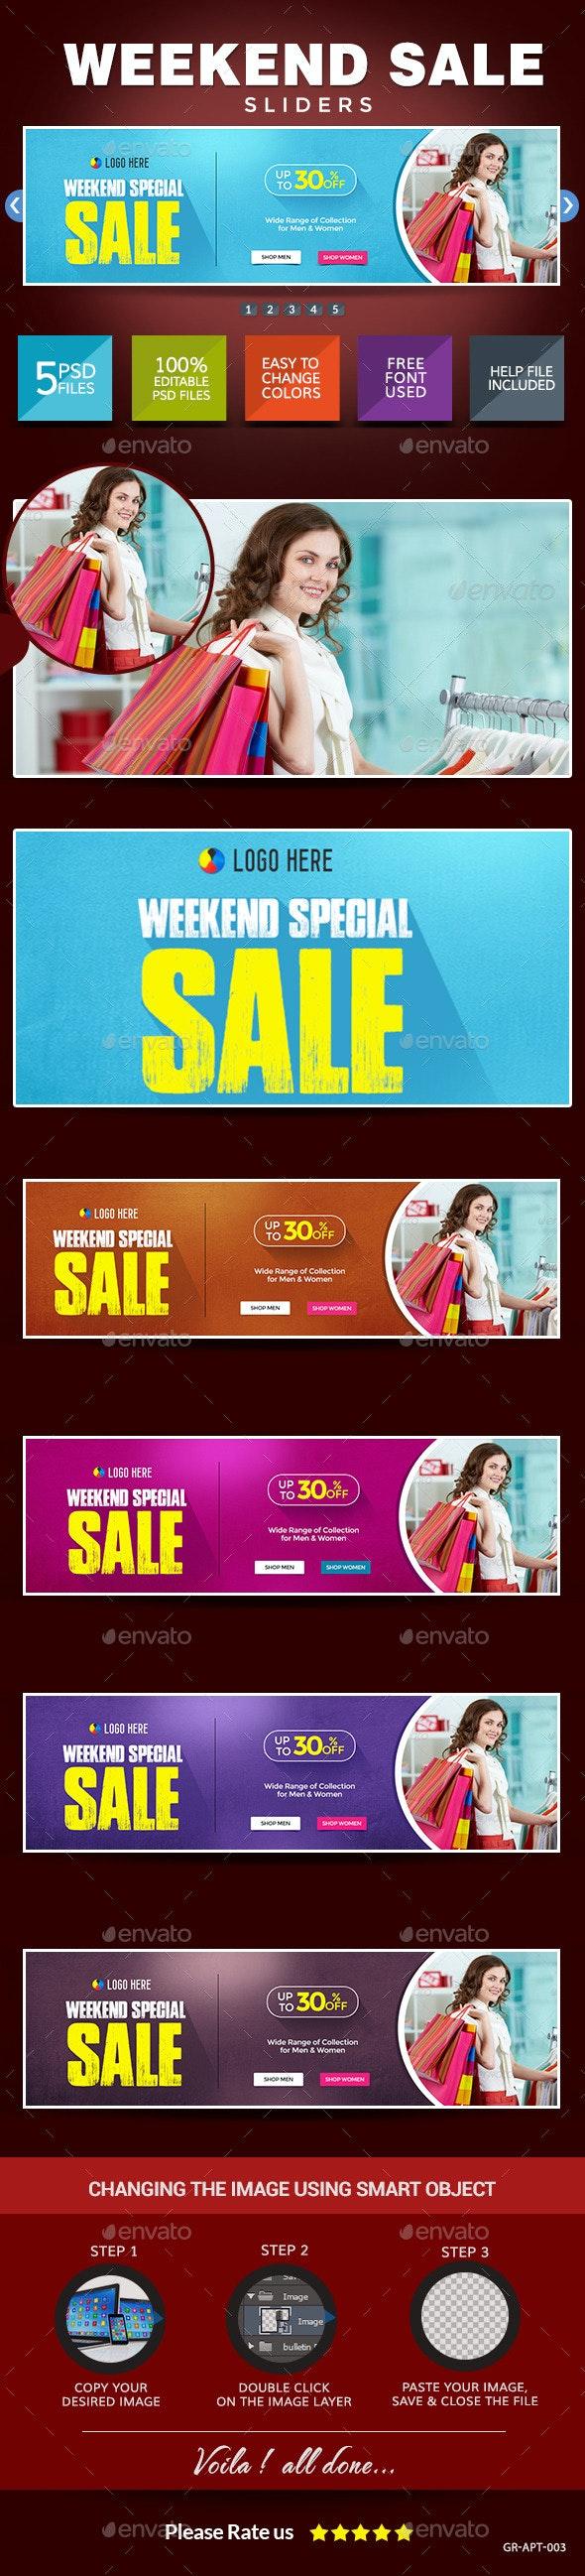 Weekend Sale Sliders - Sliders & Features Web Elements